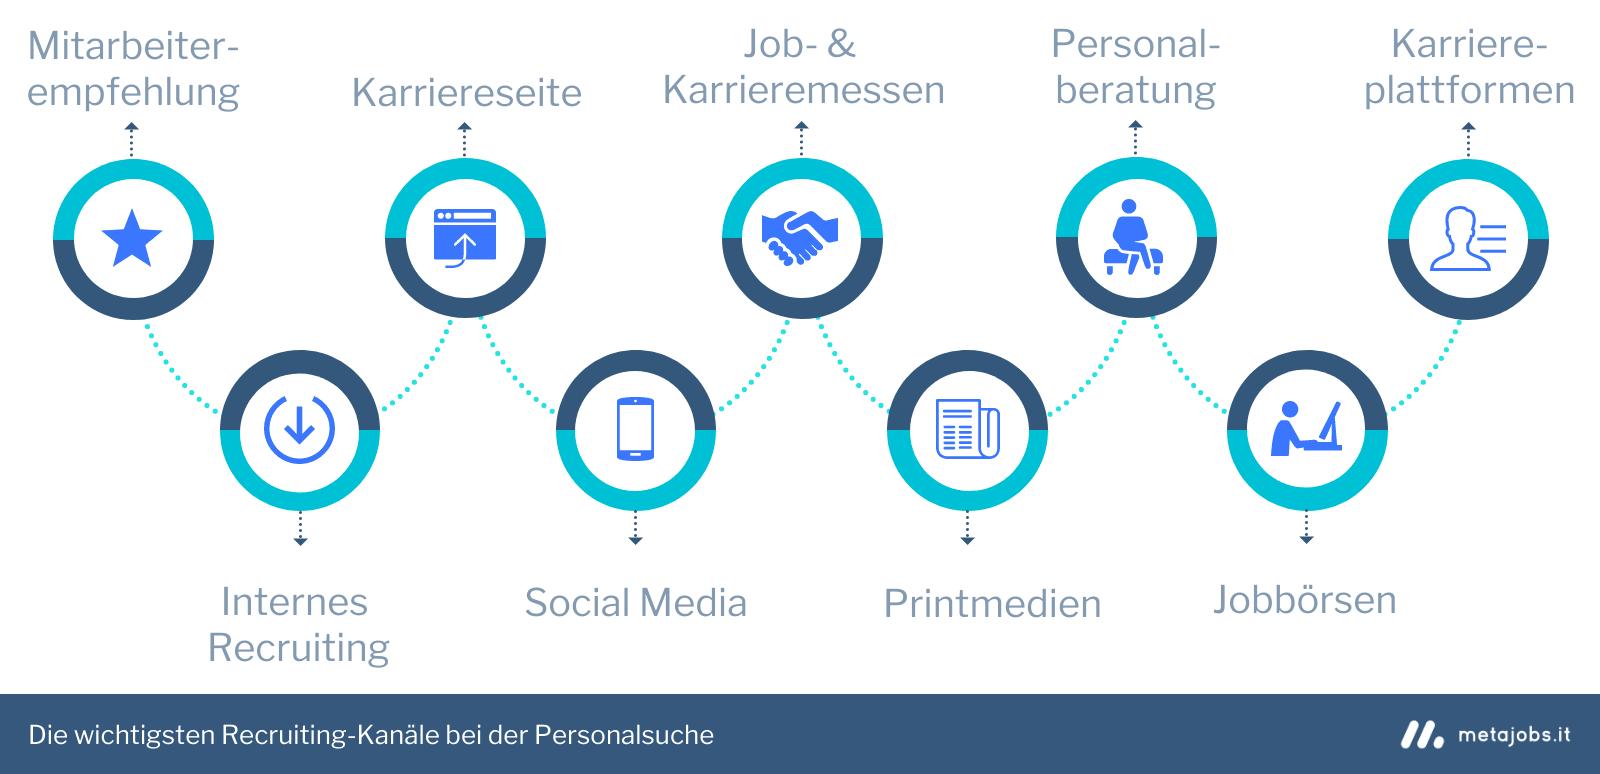 Recruiting-Kanäle bei der Personalsuche im Überblick Infografik